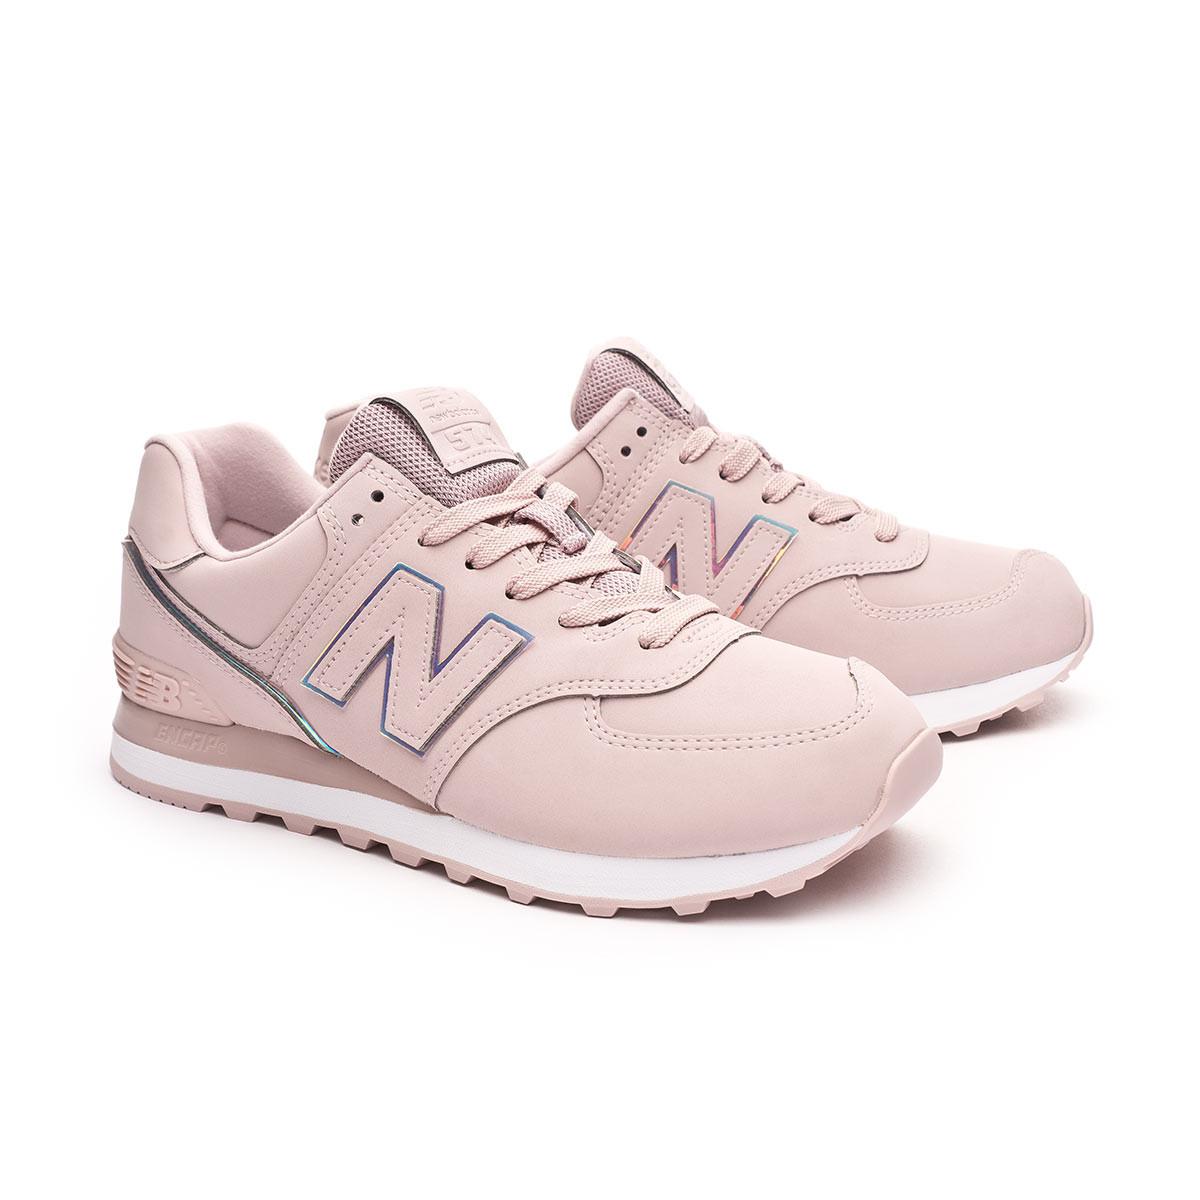 No puedo leer ni escribir primero Bueno  Zapatilla New Balance Classic Running 574 v2 Mujer Pink - Tienda de fútbol  Fútbol Emotion